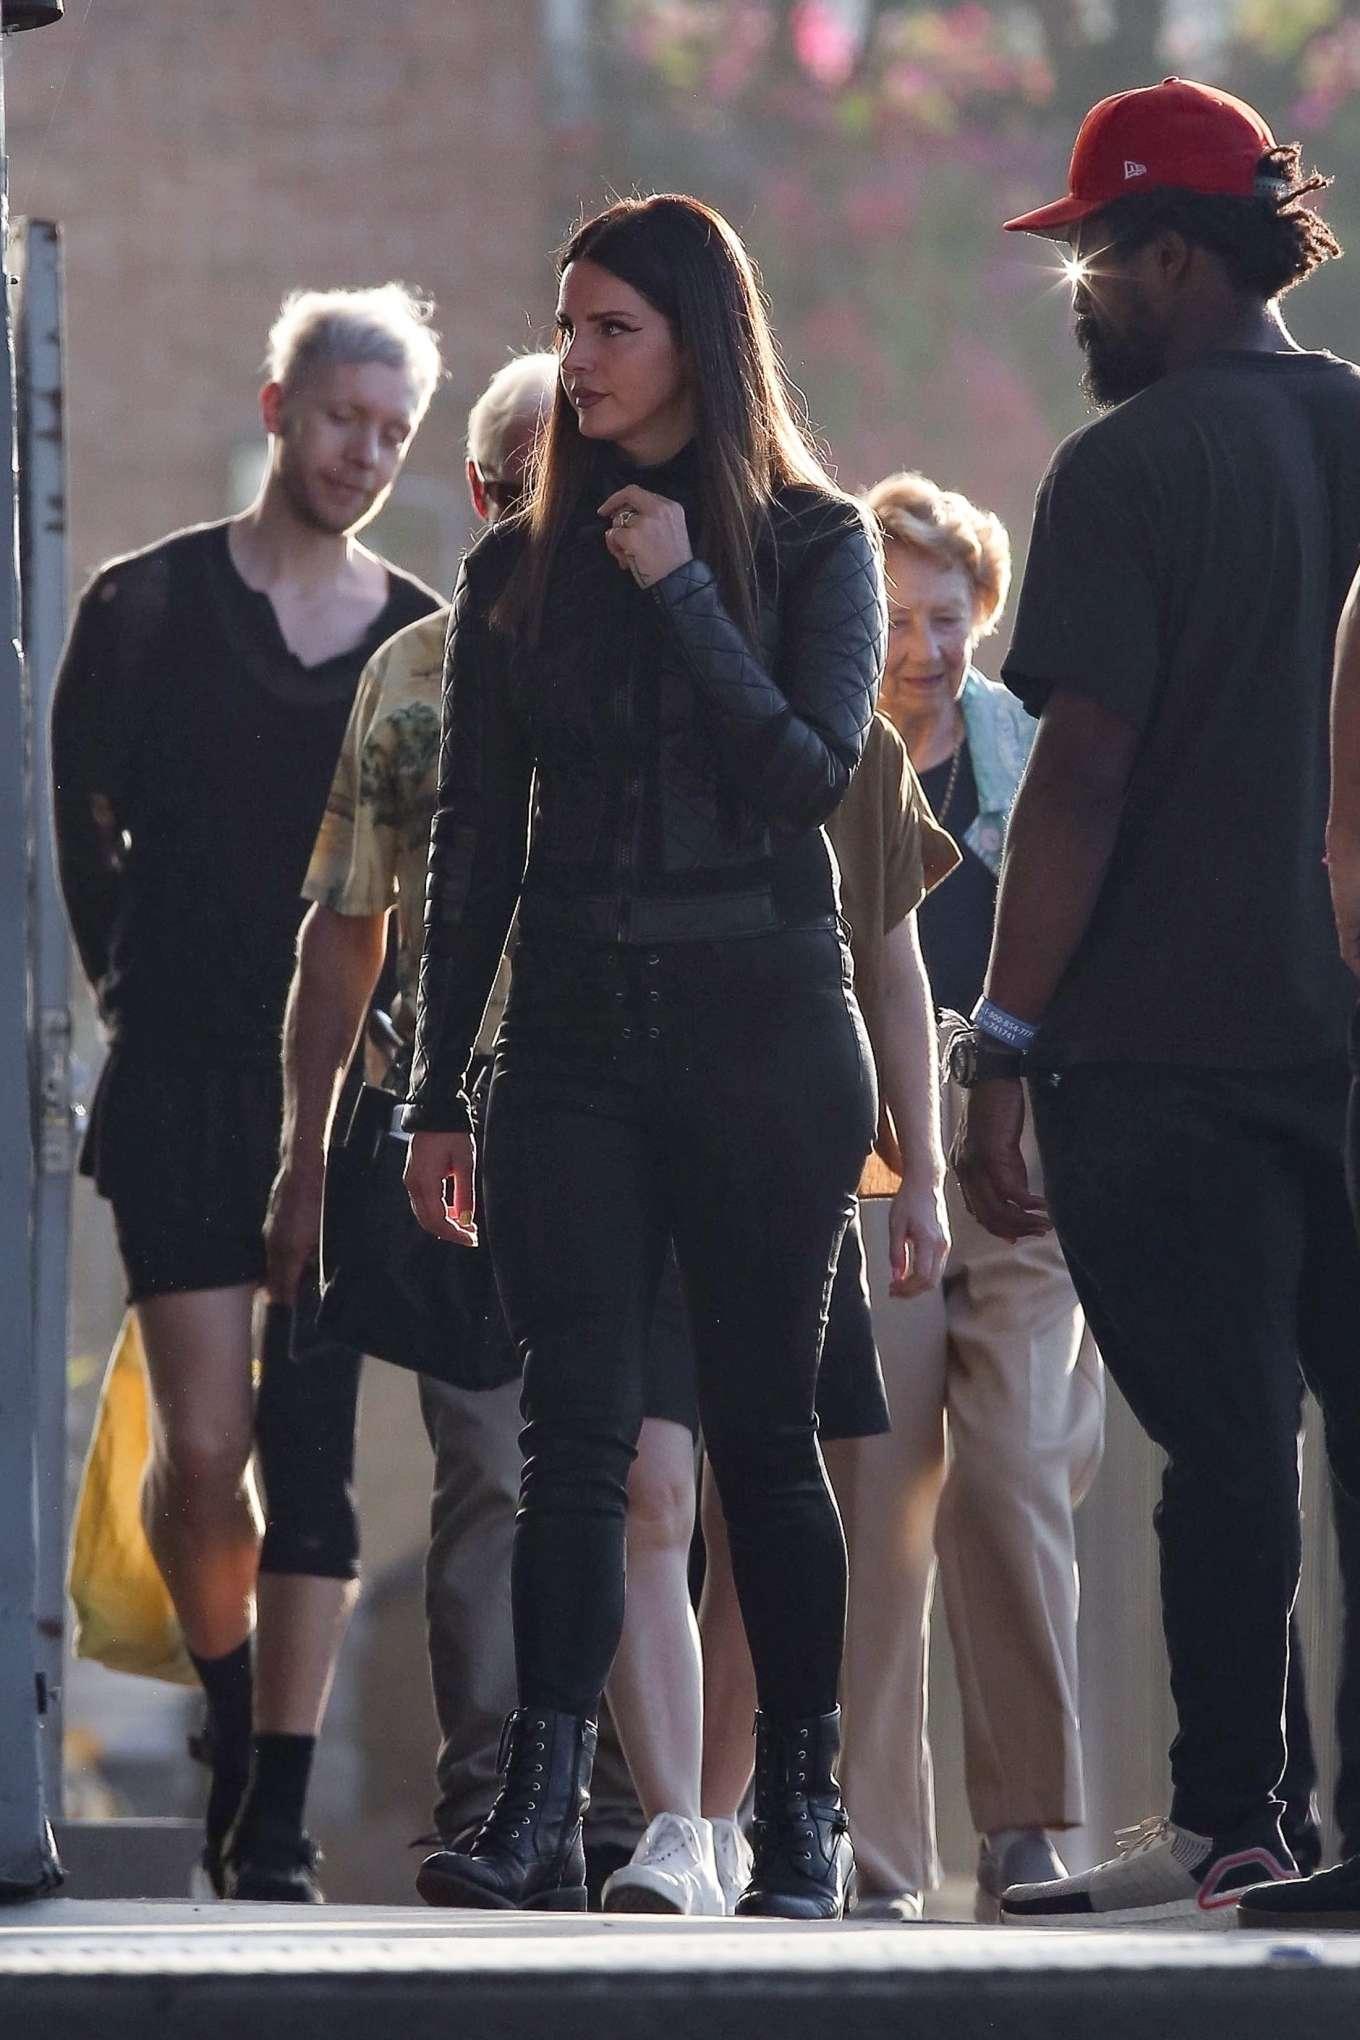 Lana Del Rey 2019 : Lana Del Rey – Shoots a music video in Los Angeles-40